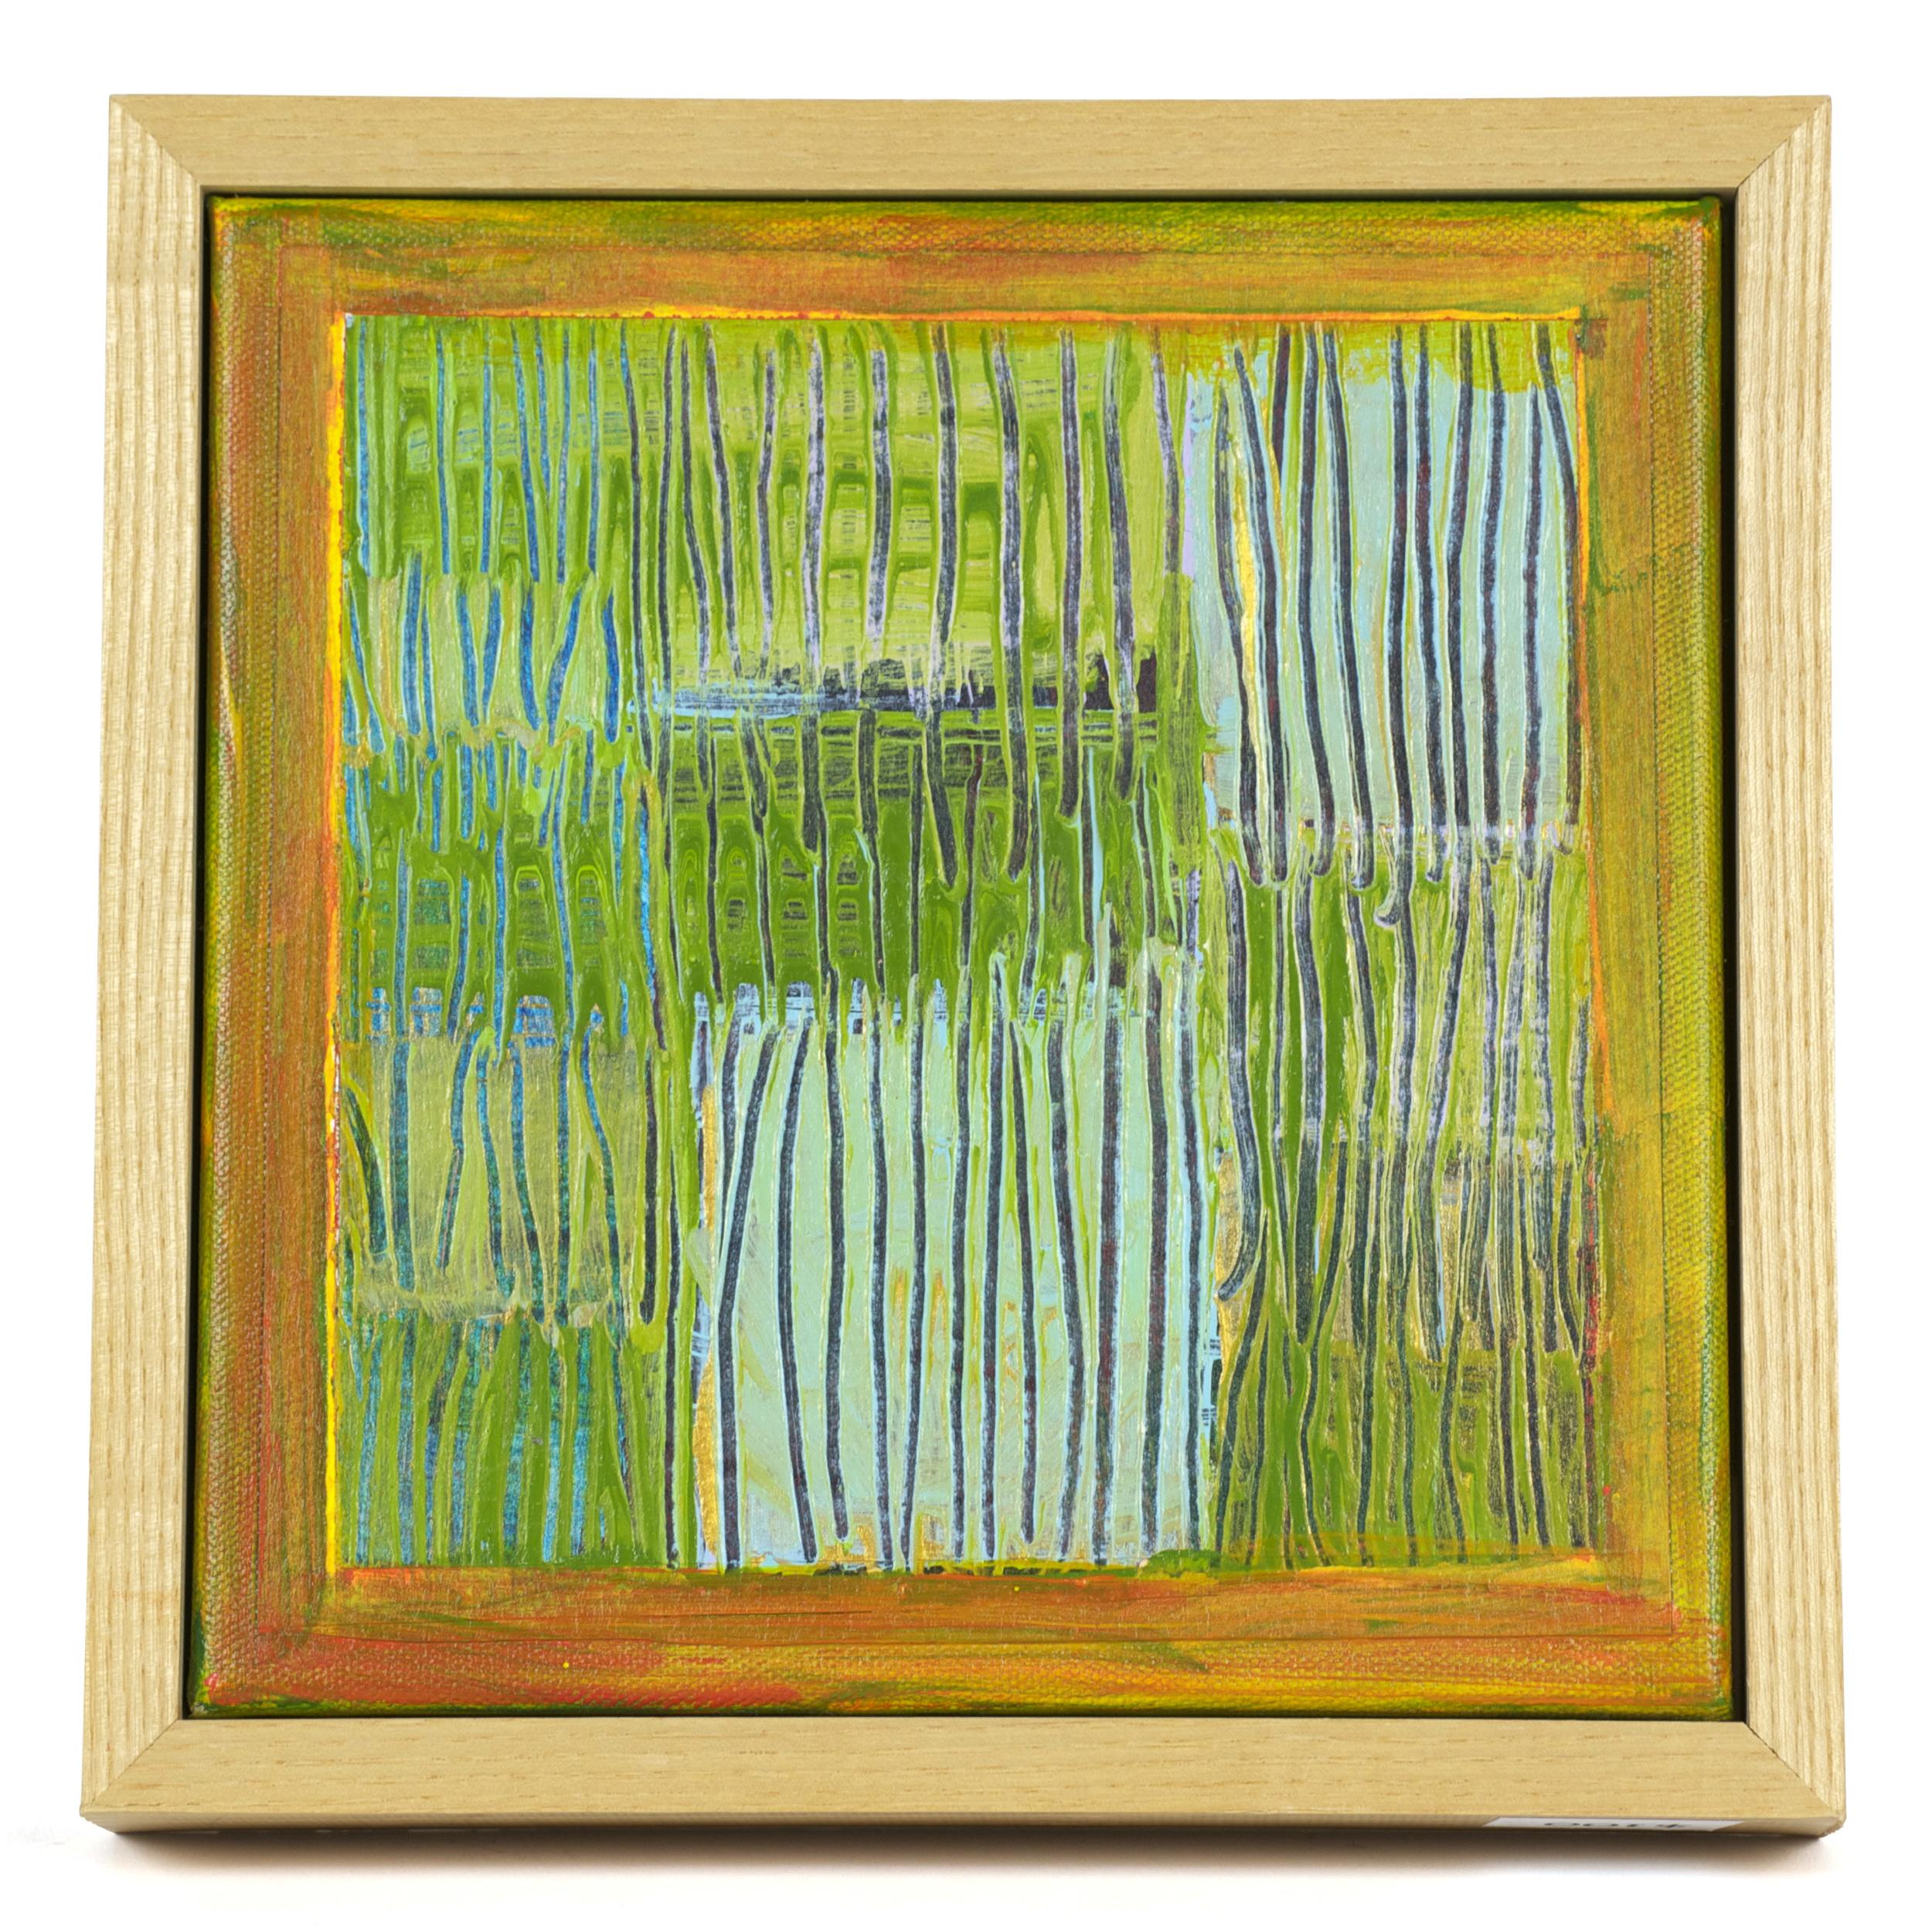 Eileen Kane     Tall Grass of Summer,   2008-10     Acrylic/canvas